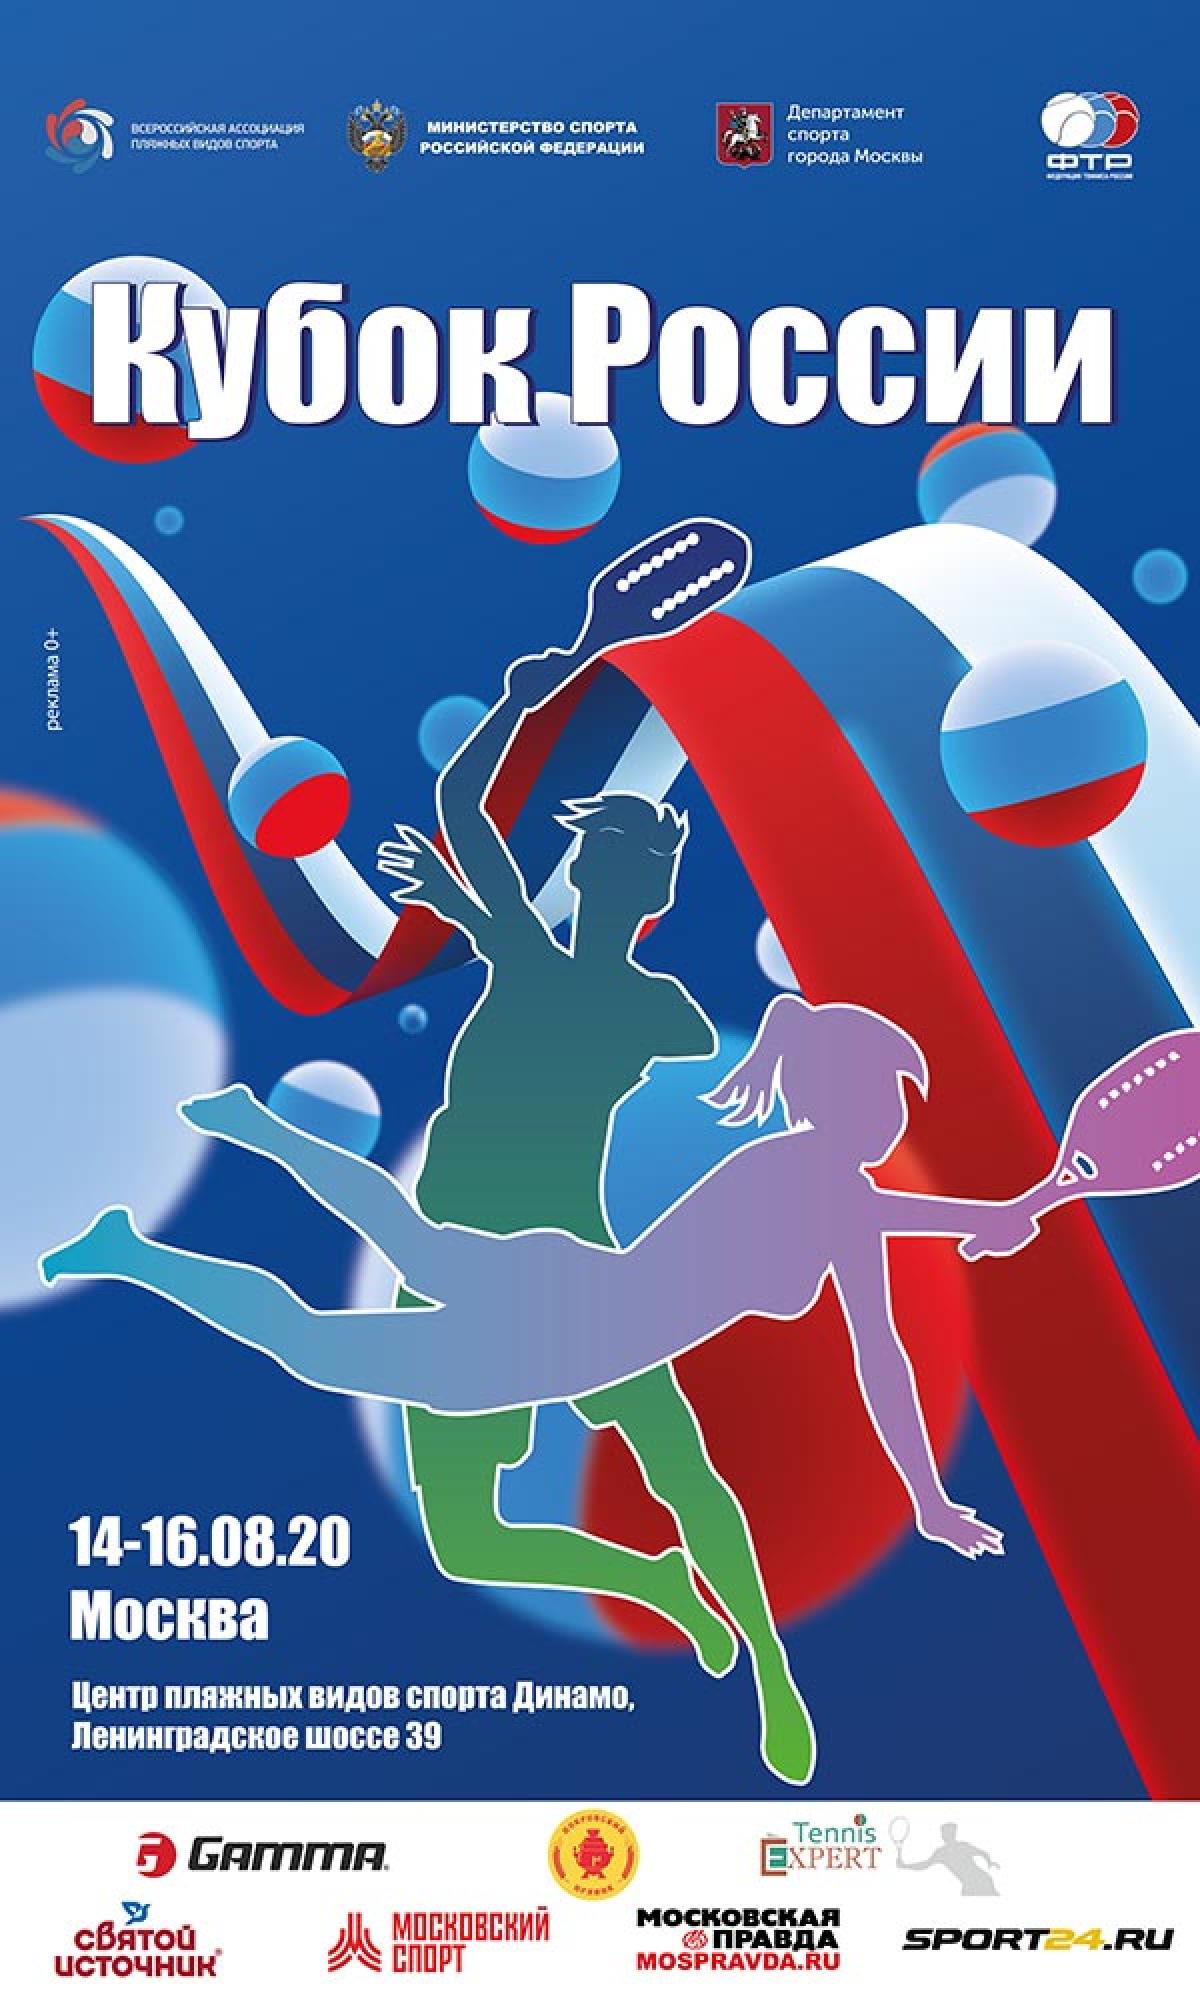 На следующей неделе стартует Кубок России по пляжному теннису